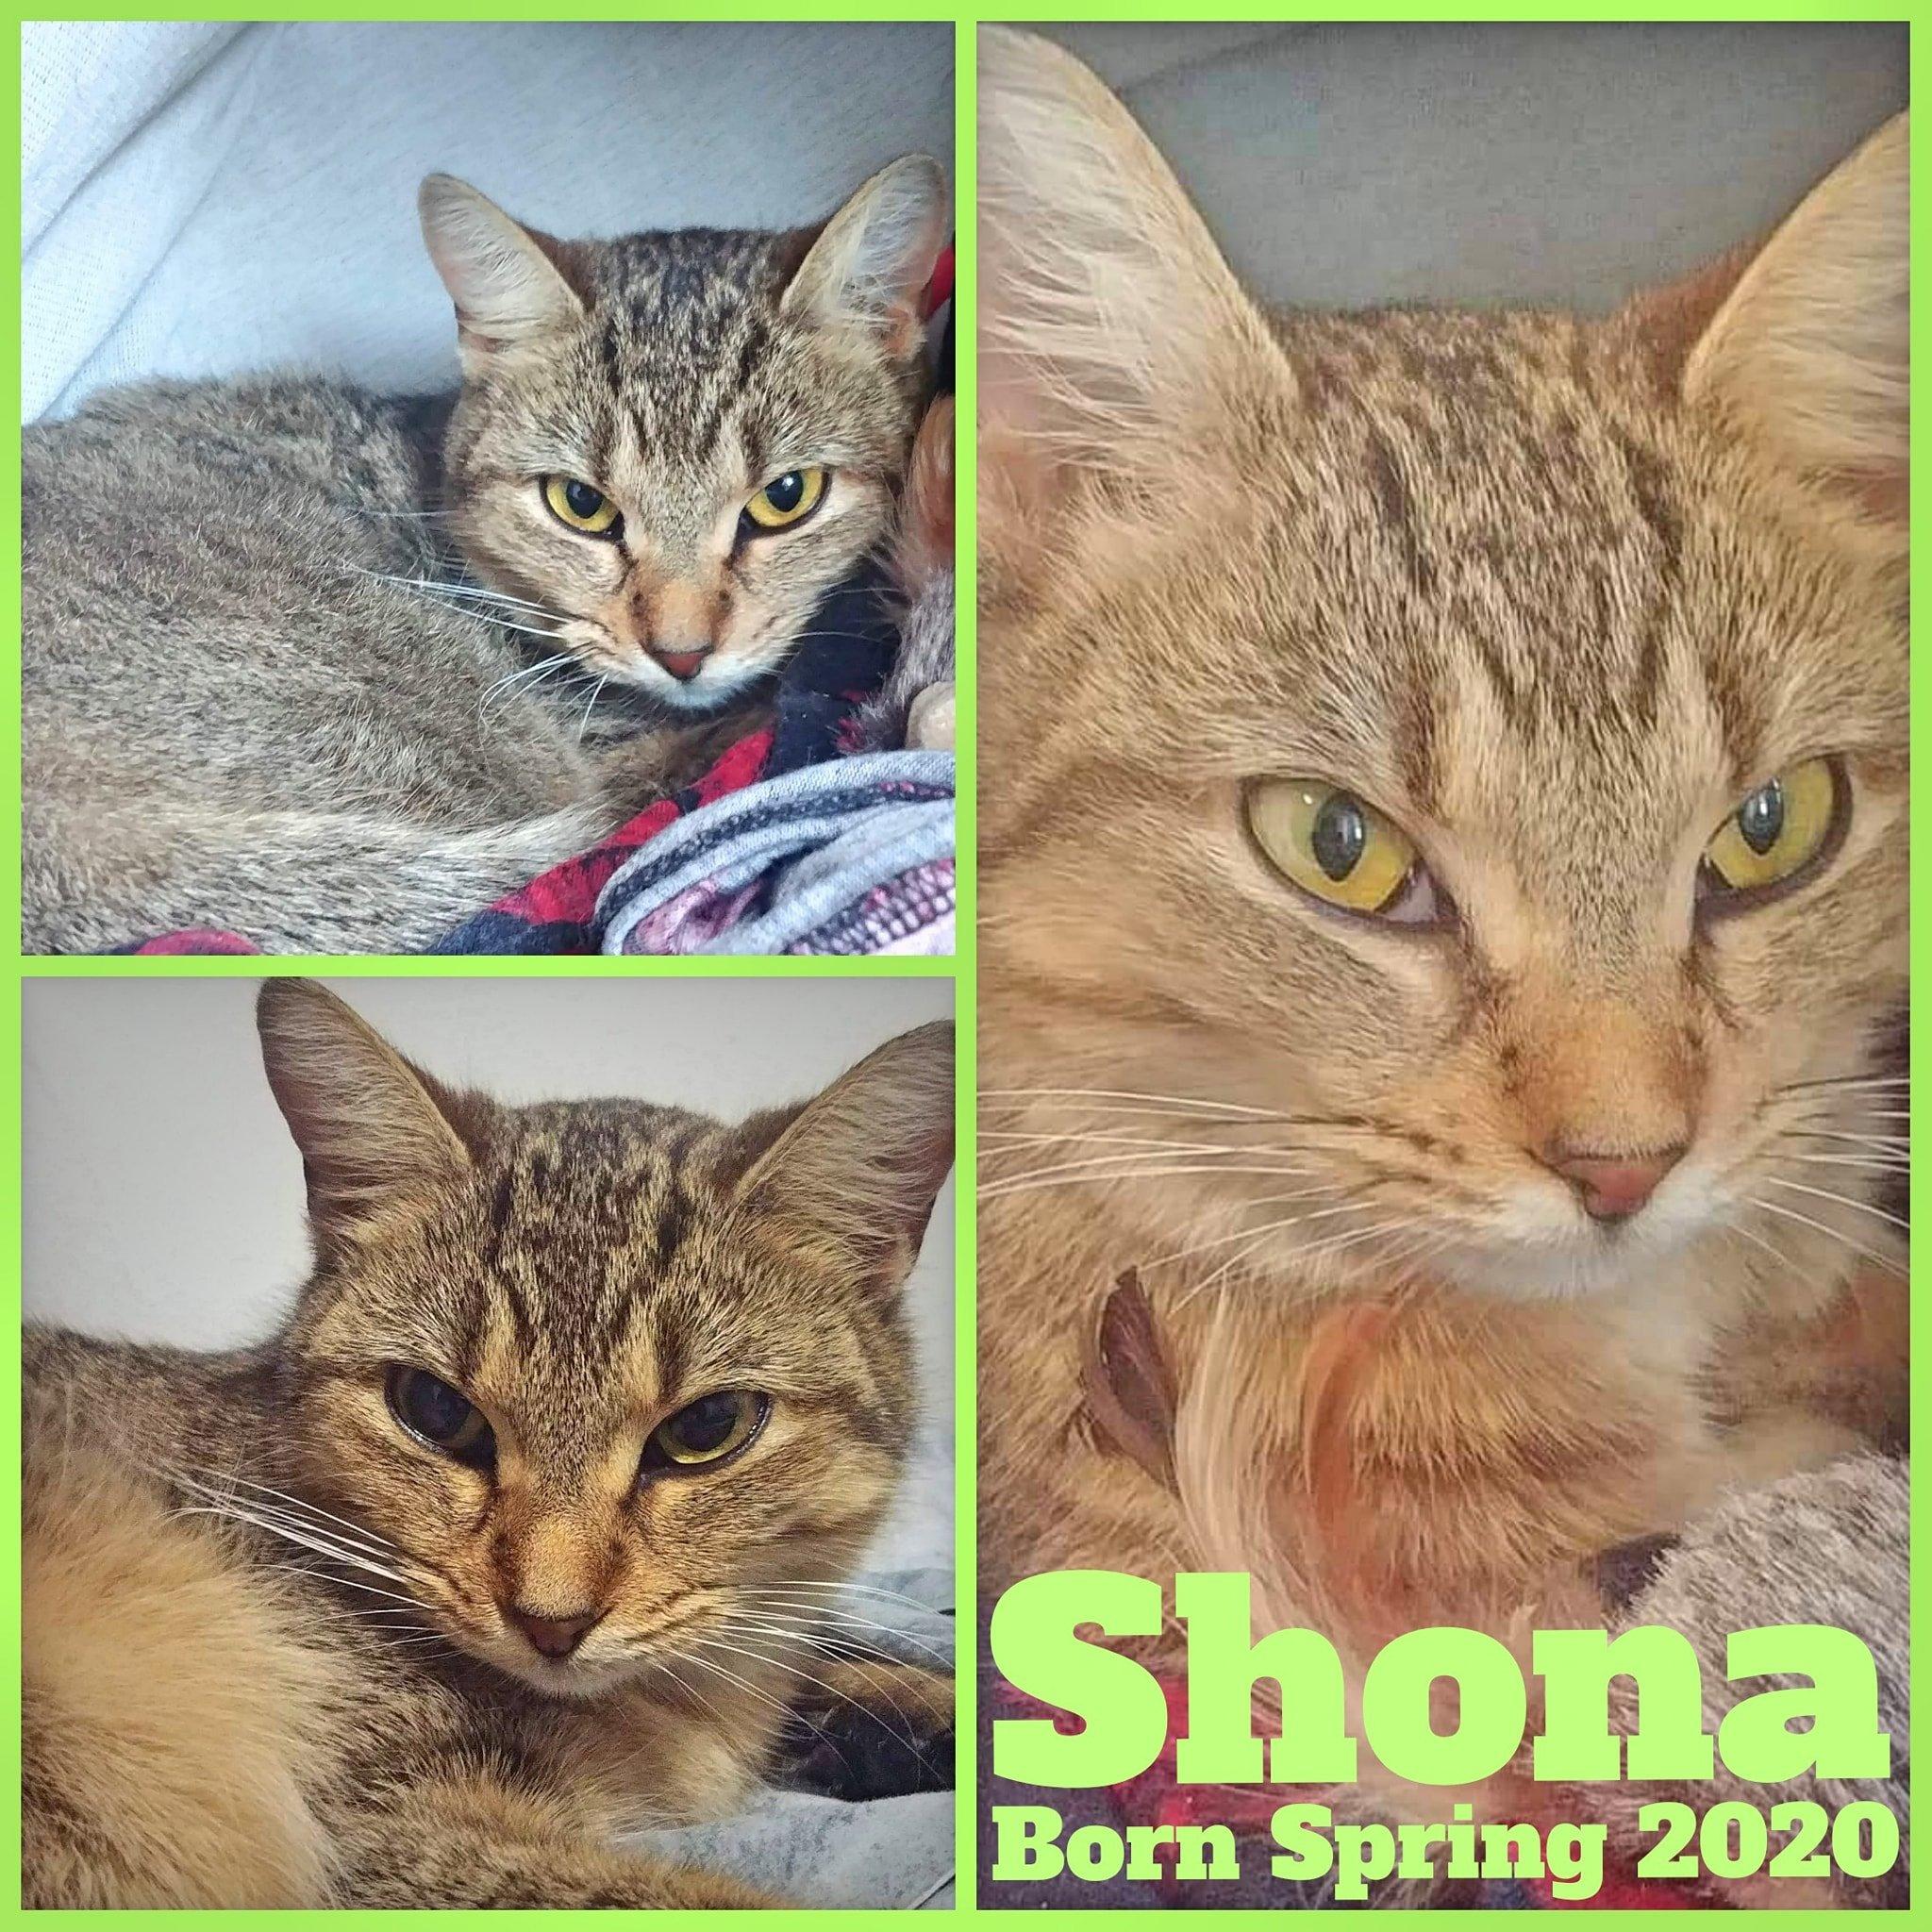 Shona-Female-Born in Spring 2020